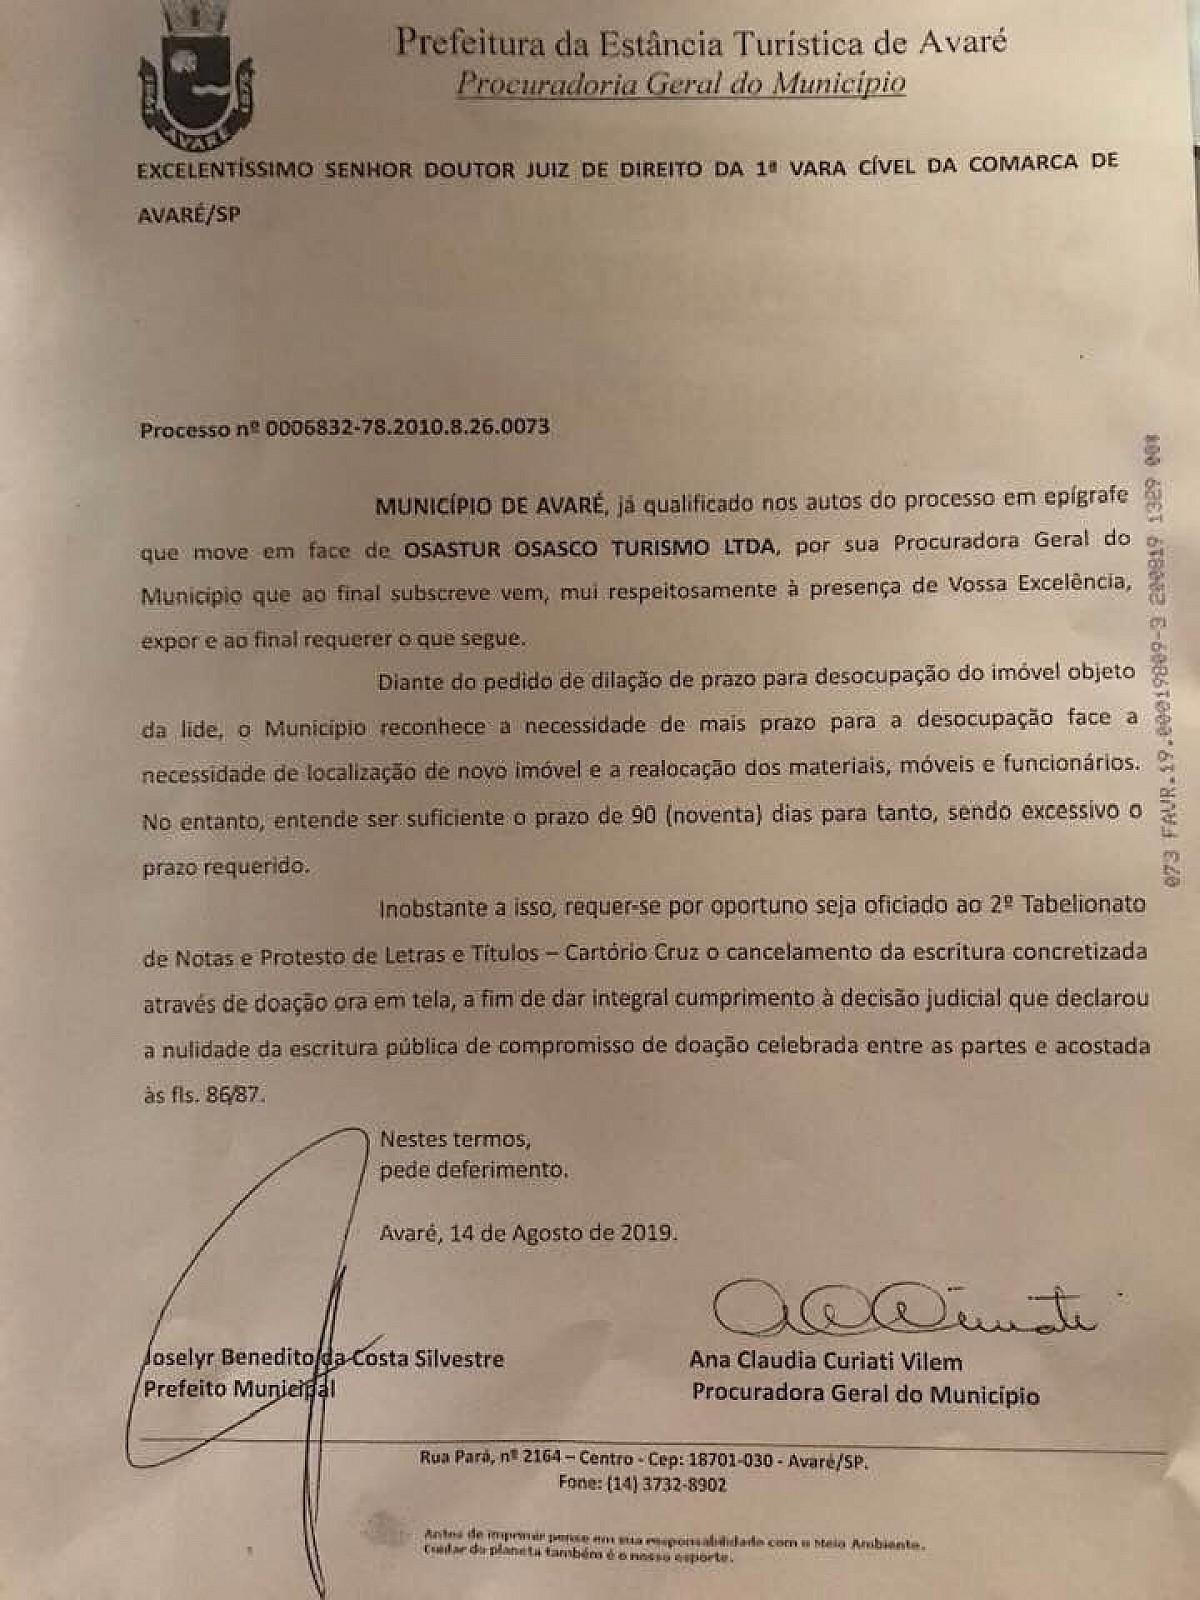 Procuradoria solicita cancelamento de escritura da Osastur